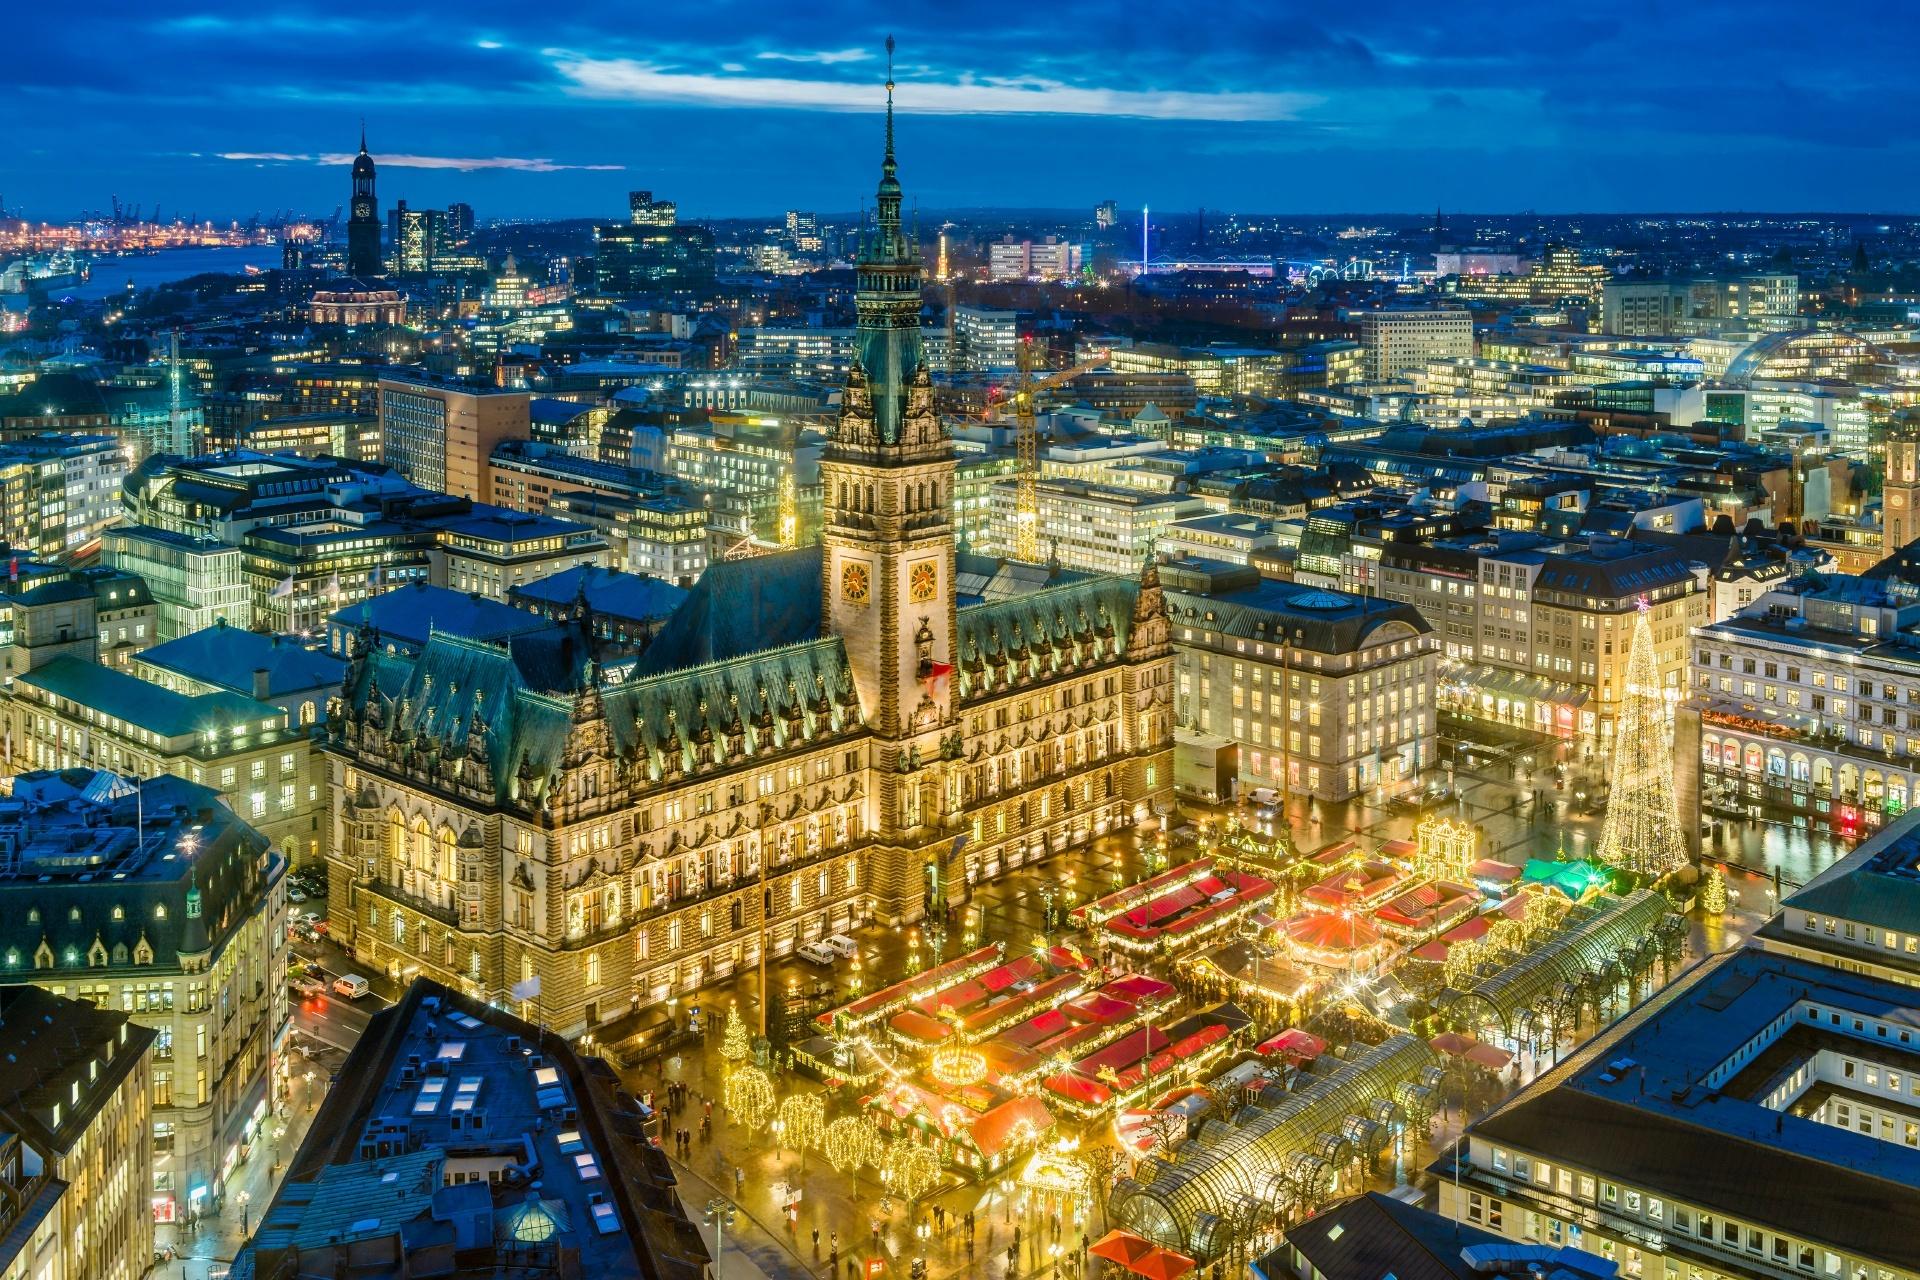 ハンブルクのクリスマス風景 ドイツの風景